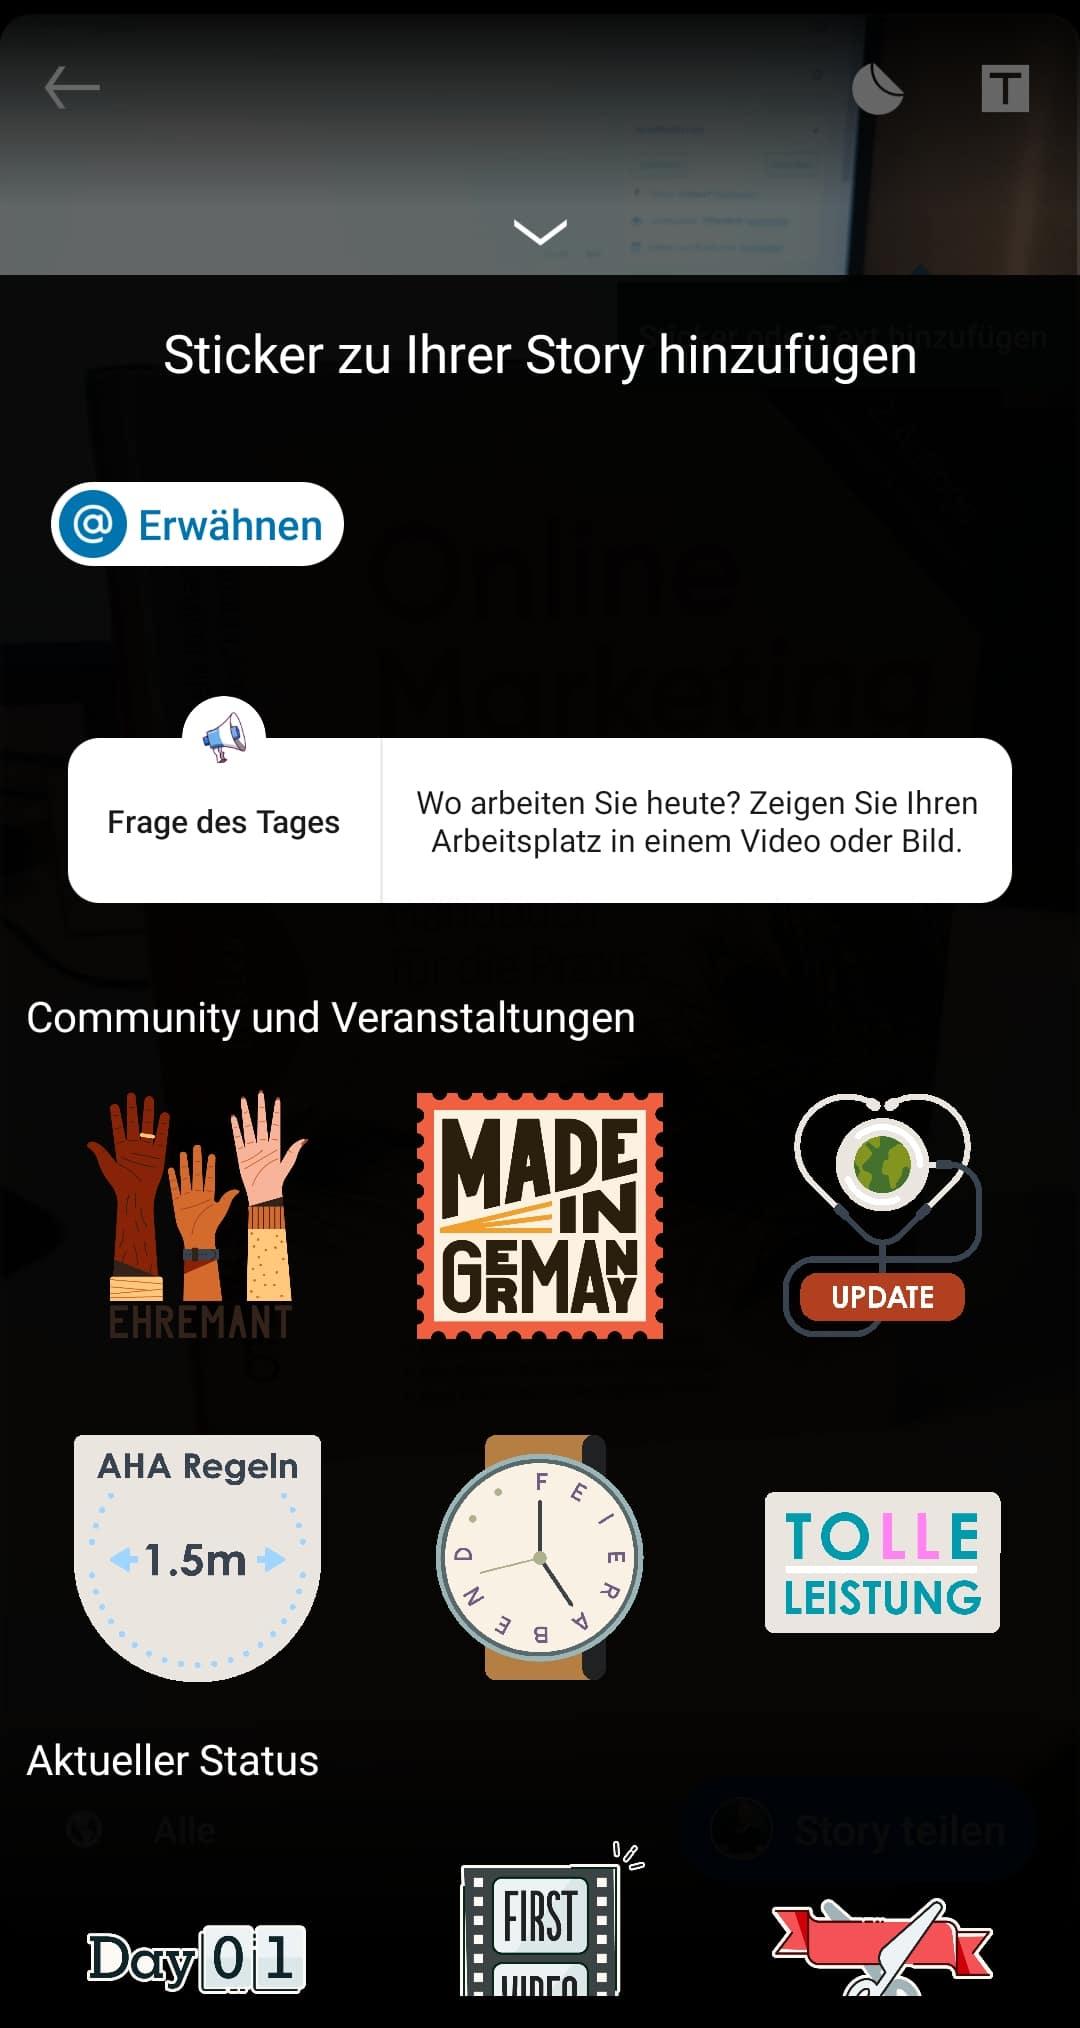 Sticker und Features in LinkedIn Stories